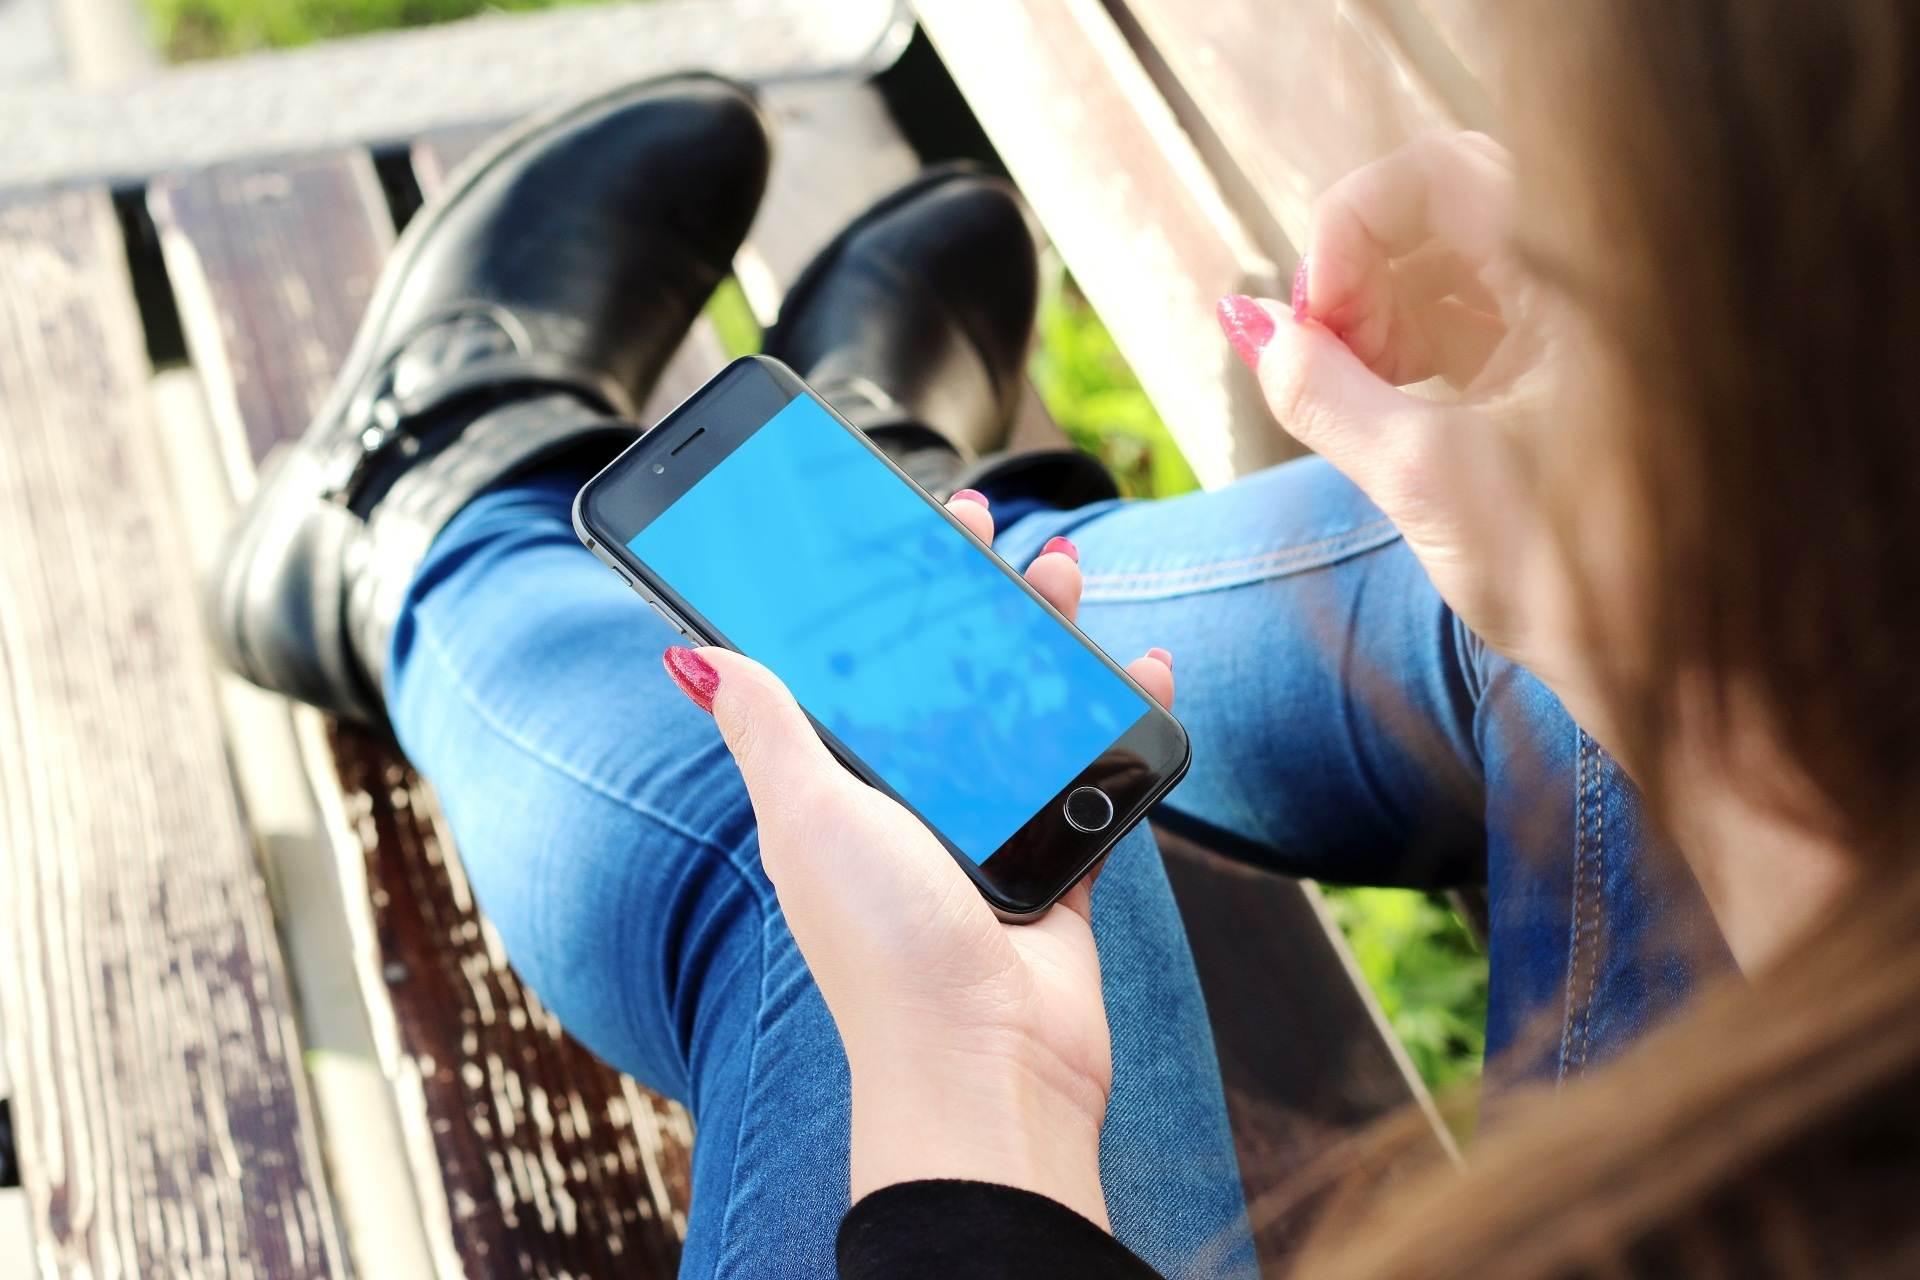 iphone smartphone mobile hand screen apple 779616 pxhere compressed - Smartphones intermediários: o que considerar para comprar